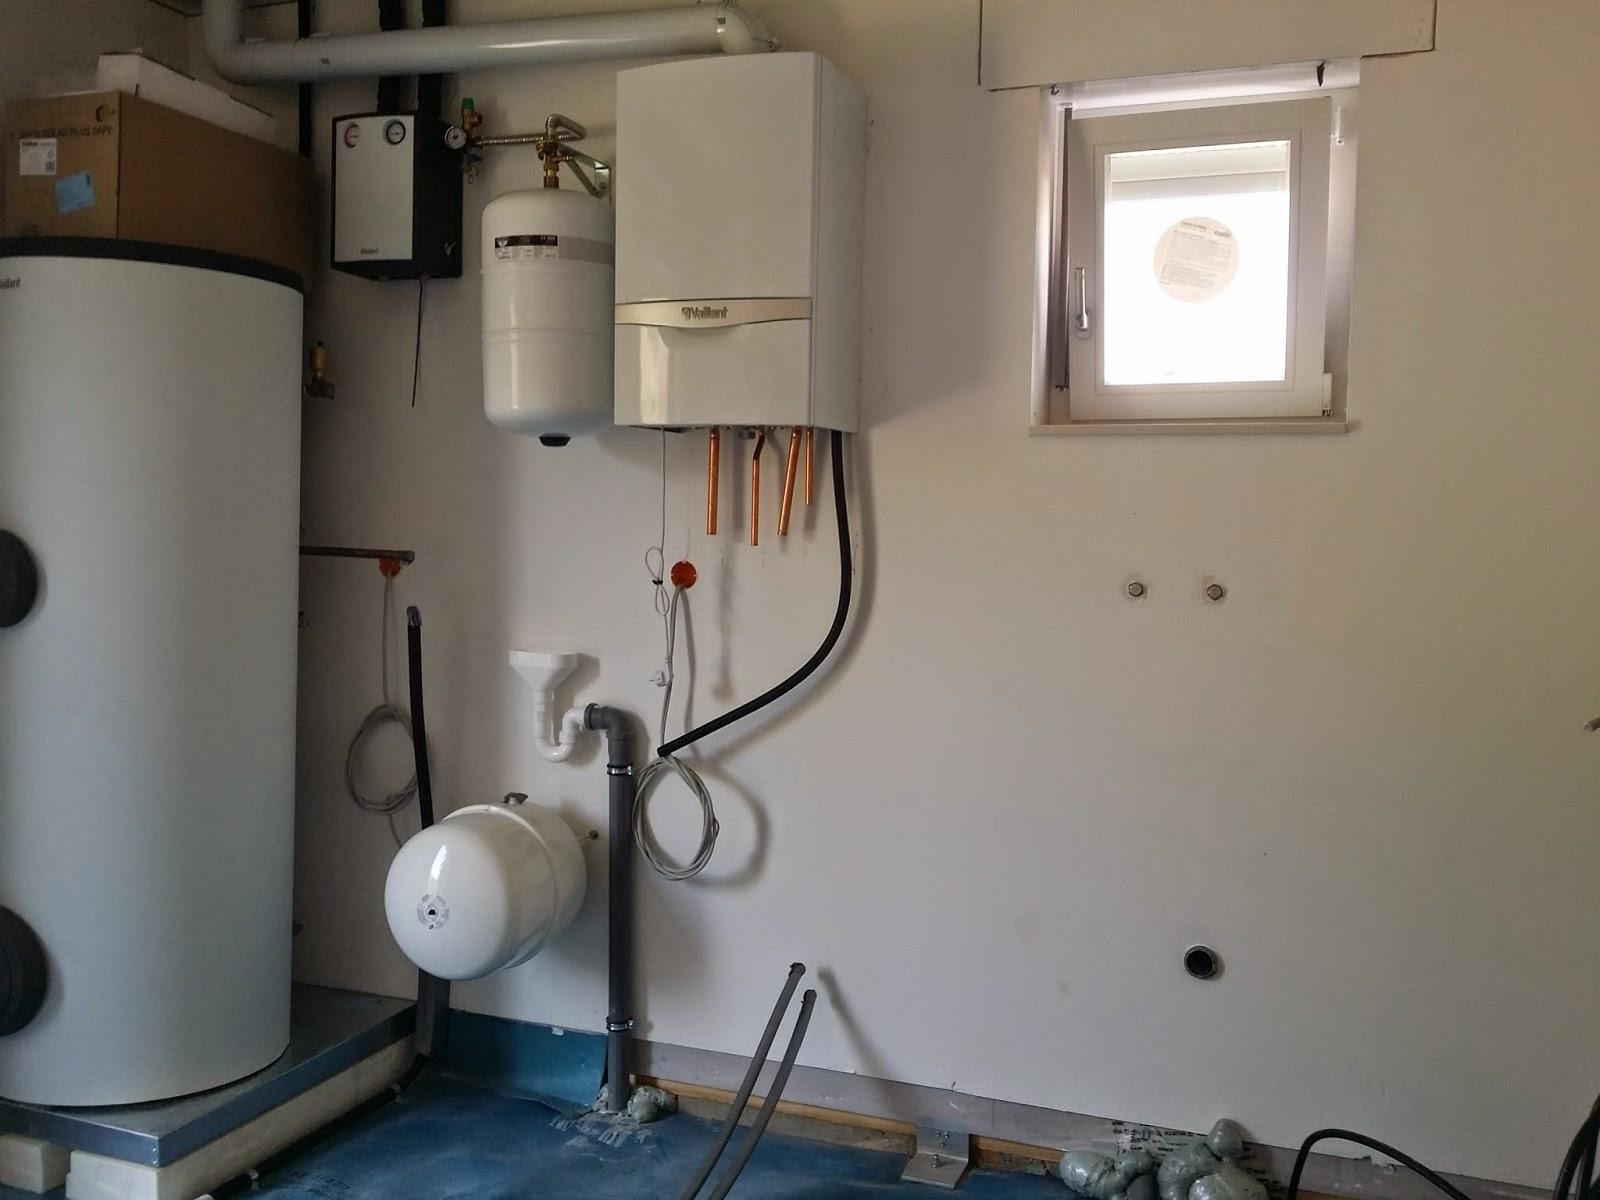 hausbau sch neshof installation heizung und sanit r. Black Bedroom Furniture Sets. Home Design Ideas